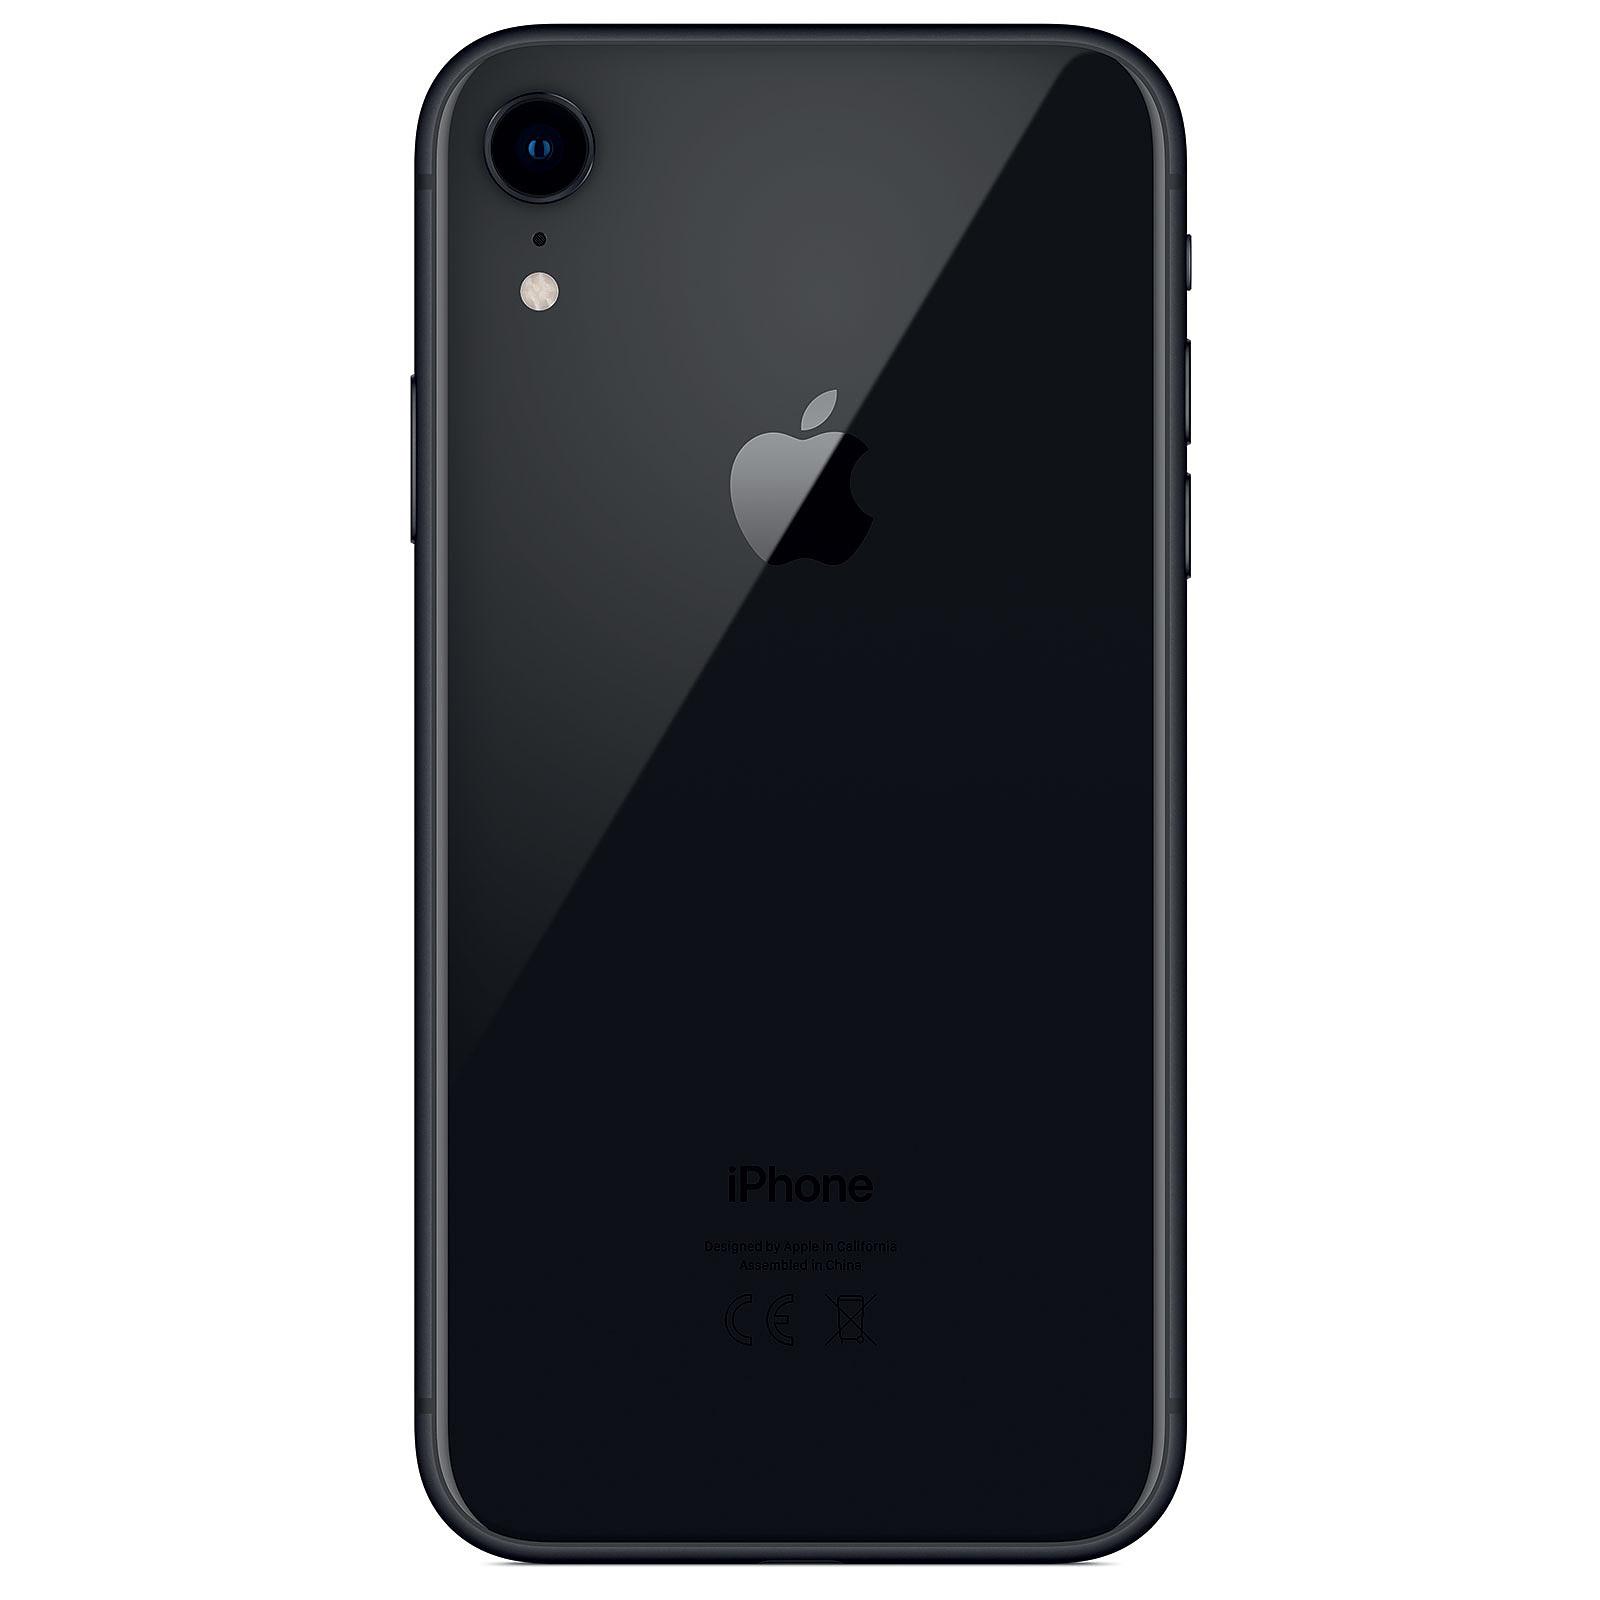 apple iphone xr 128 go noir mobile smartphone apple sur. Black Bedroom Furniture Sets. Home Design Ideas